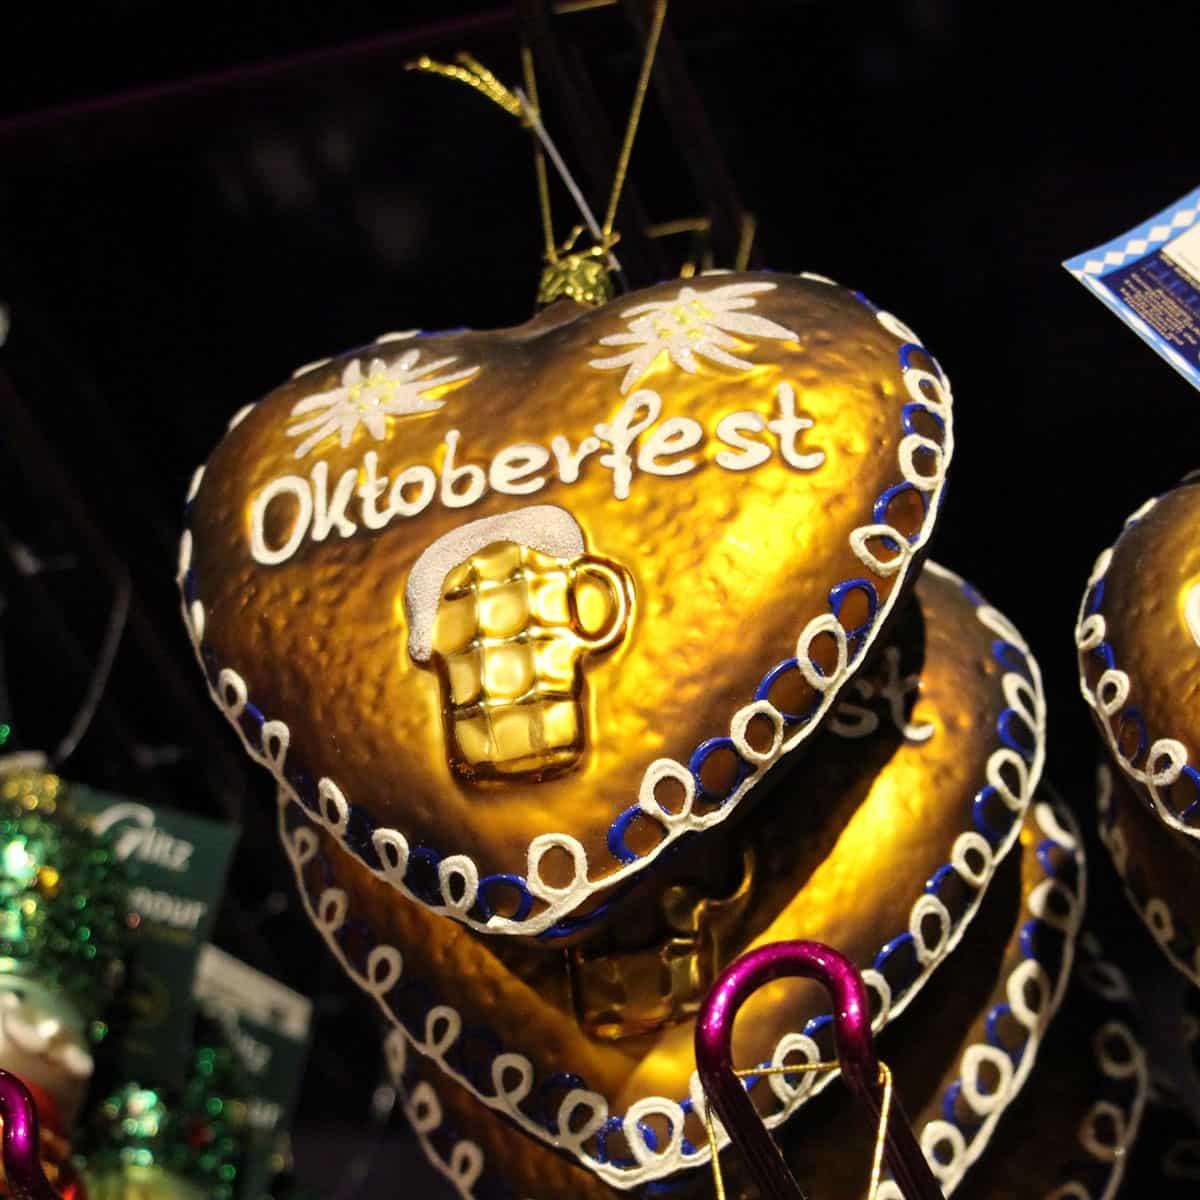 Ausgefallene muster und motive bei weihnachtskugeln for Ausgefallene weihnachtskugeln